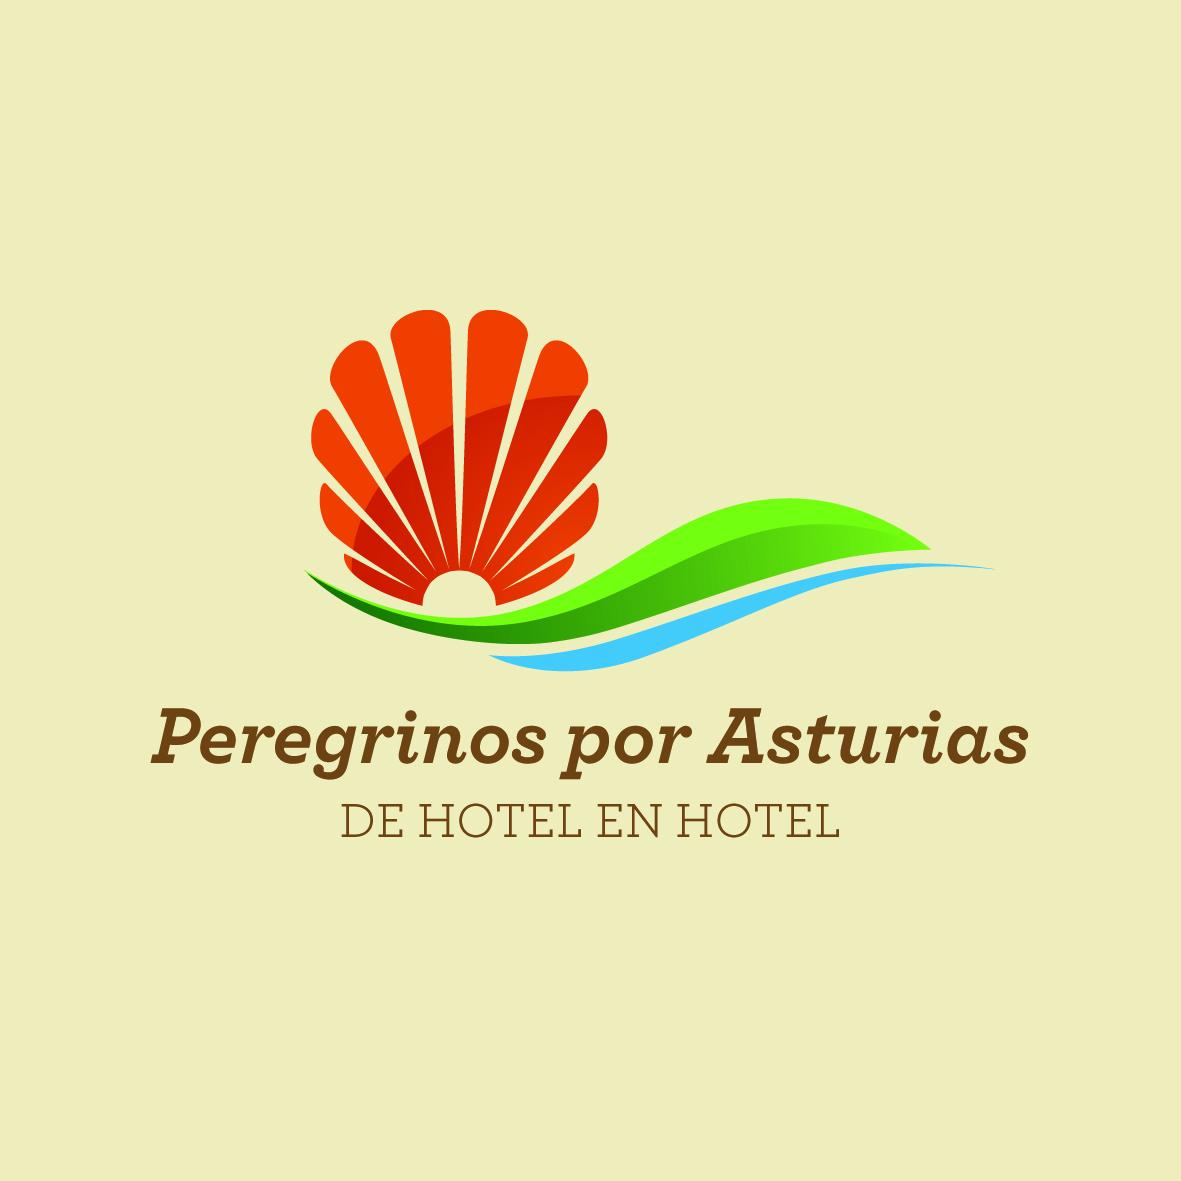 Oferta Camino de Santiago Periodo de validez: del 15/10/2014 al 31/12/2015 Precio (I.V.A. incluido)